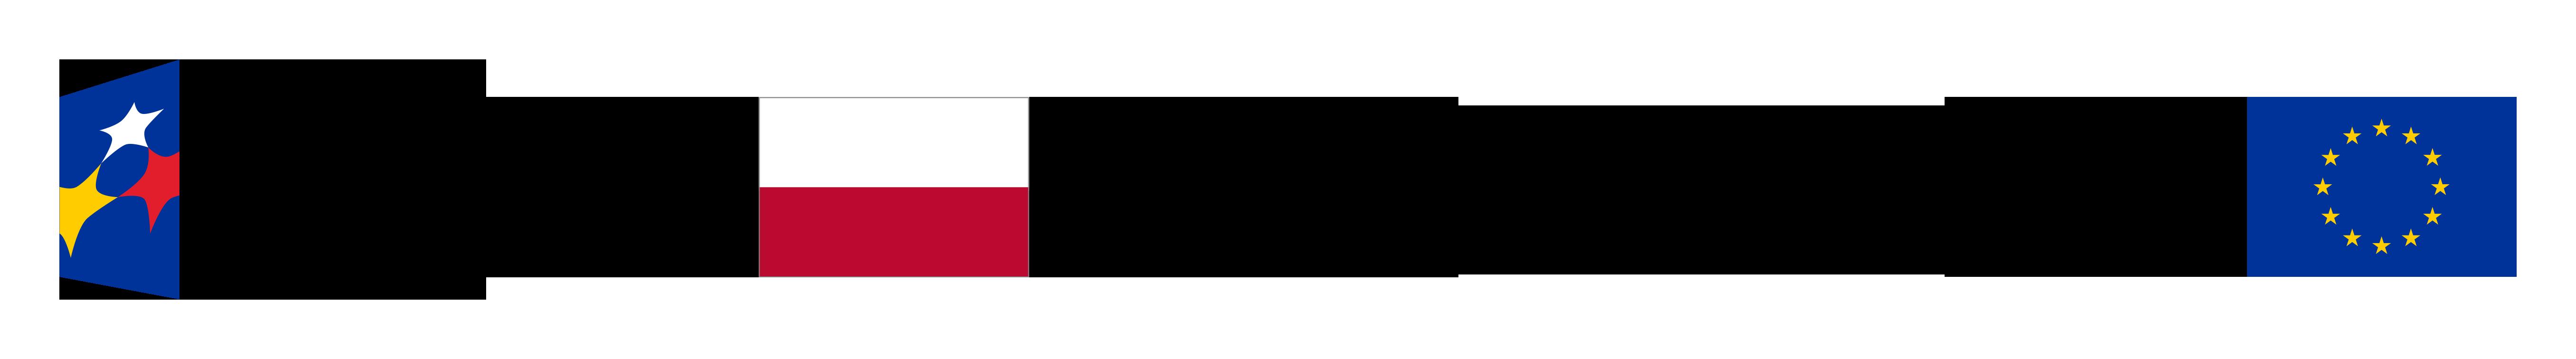 fe_popc_poziom_pl1_rgbpng [5426x756]